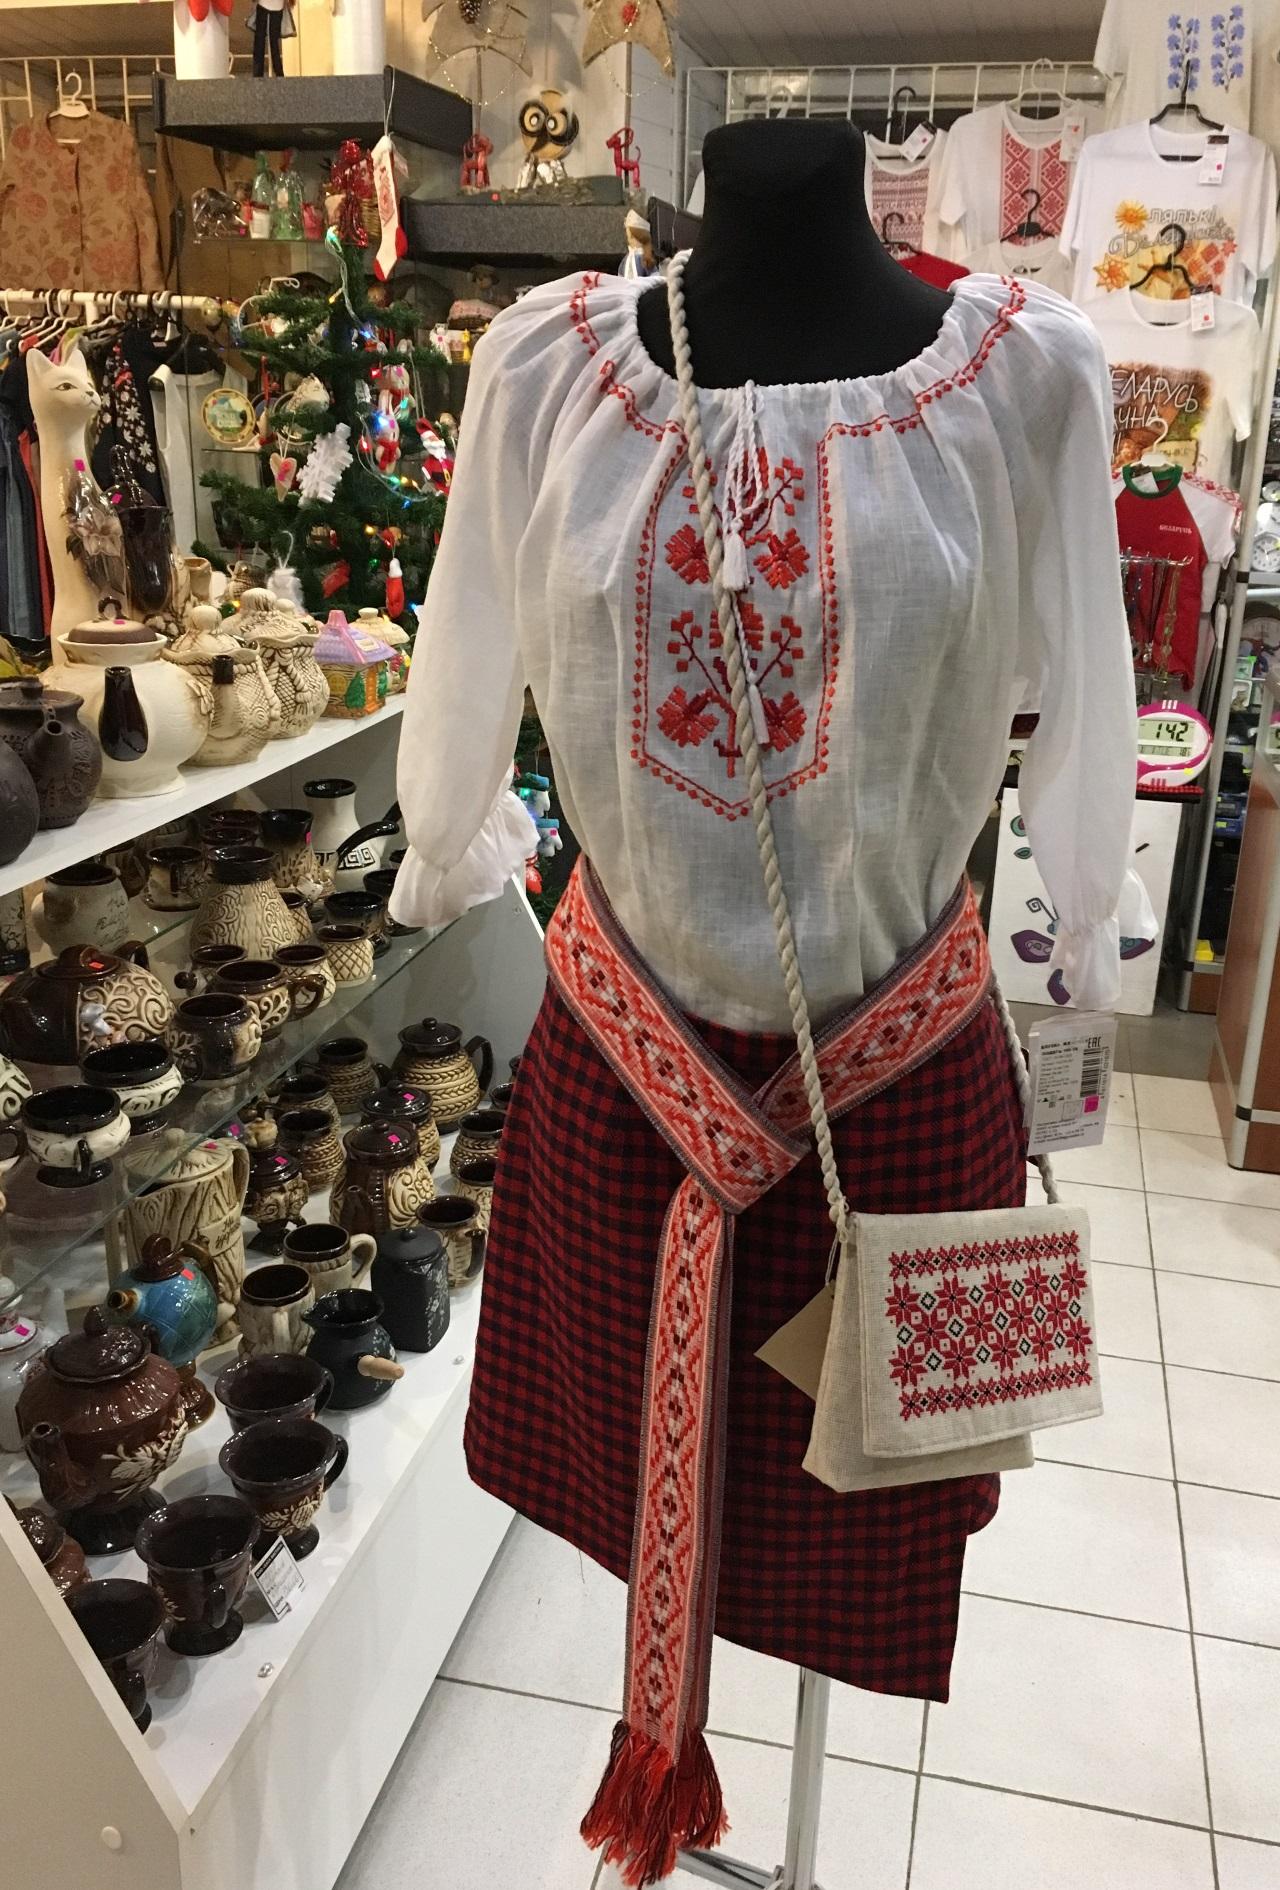 Беларускія падарункі на Новы год і Раство: чэк-ліст падрыхтоўкі да святаў